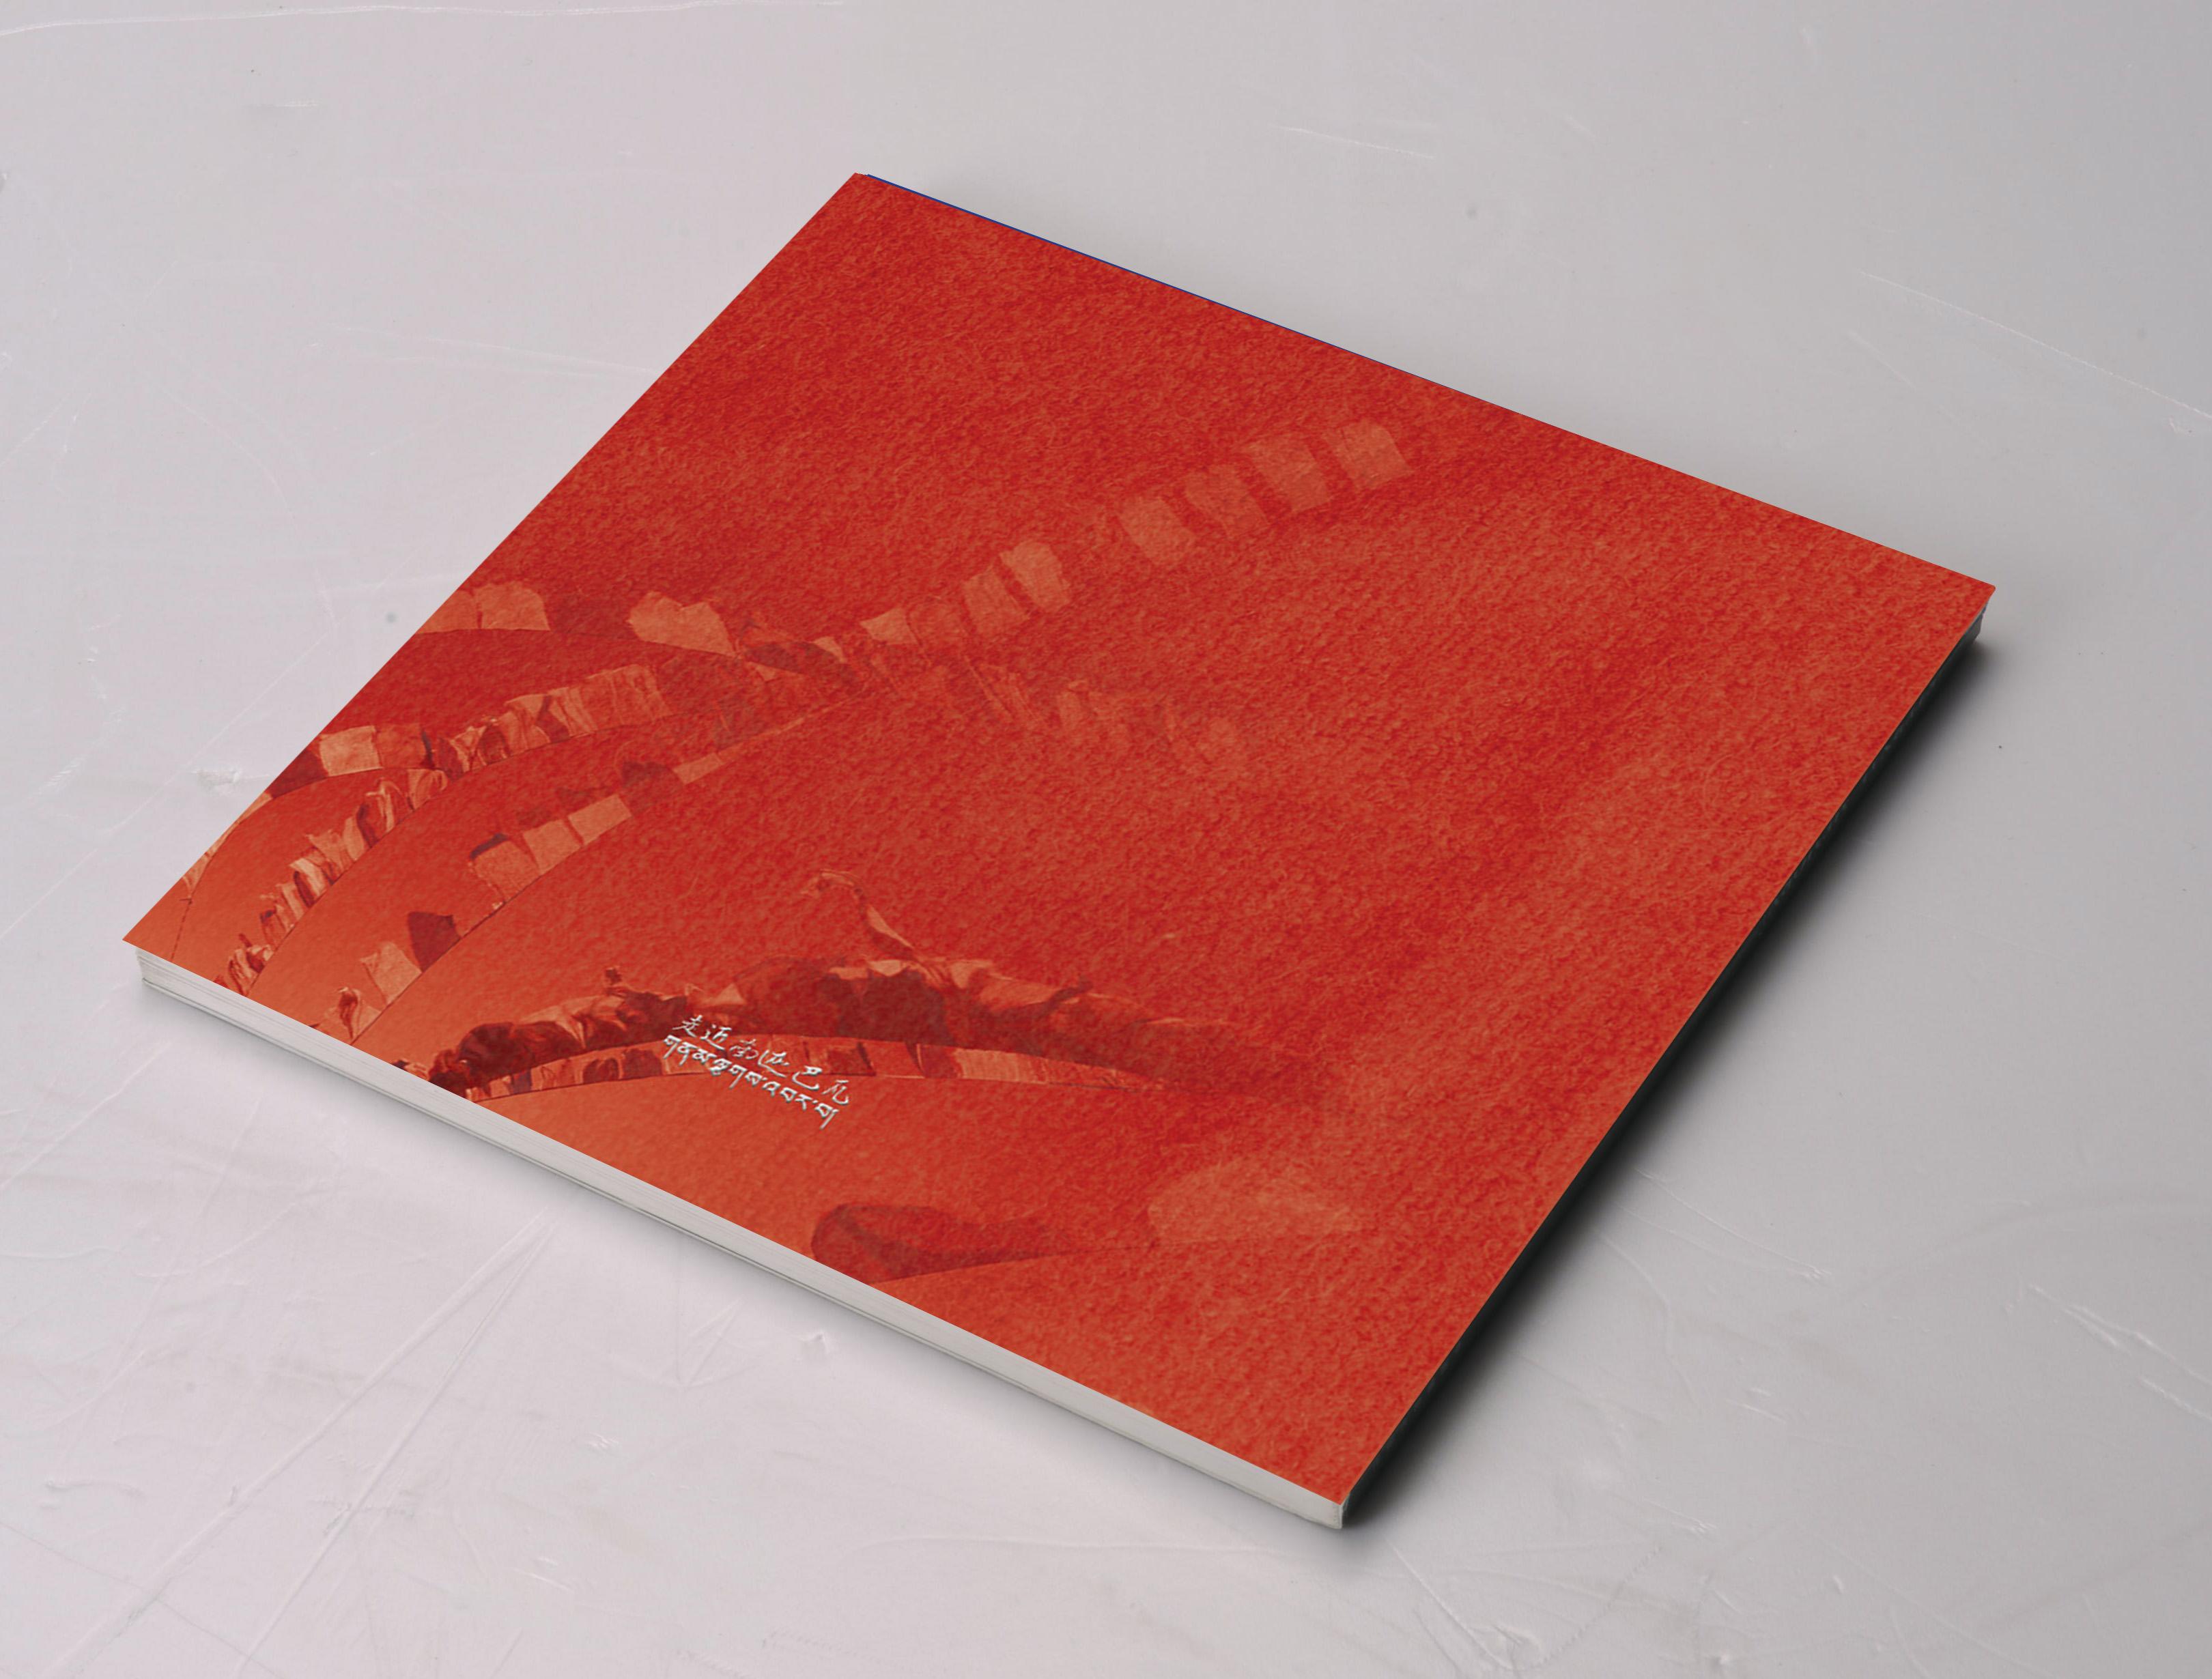 摄影画集设计 两个方案 画册设计